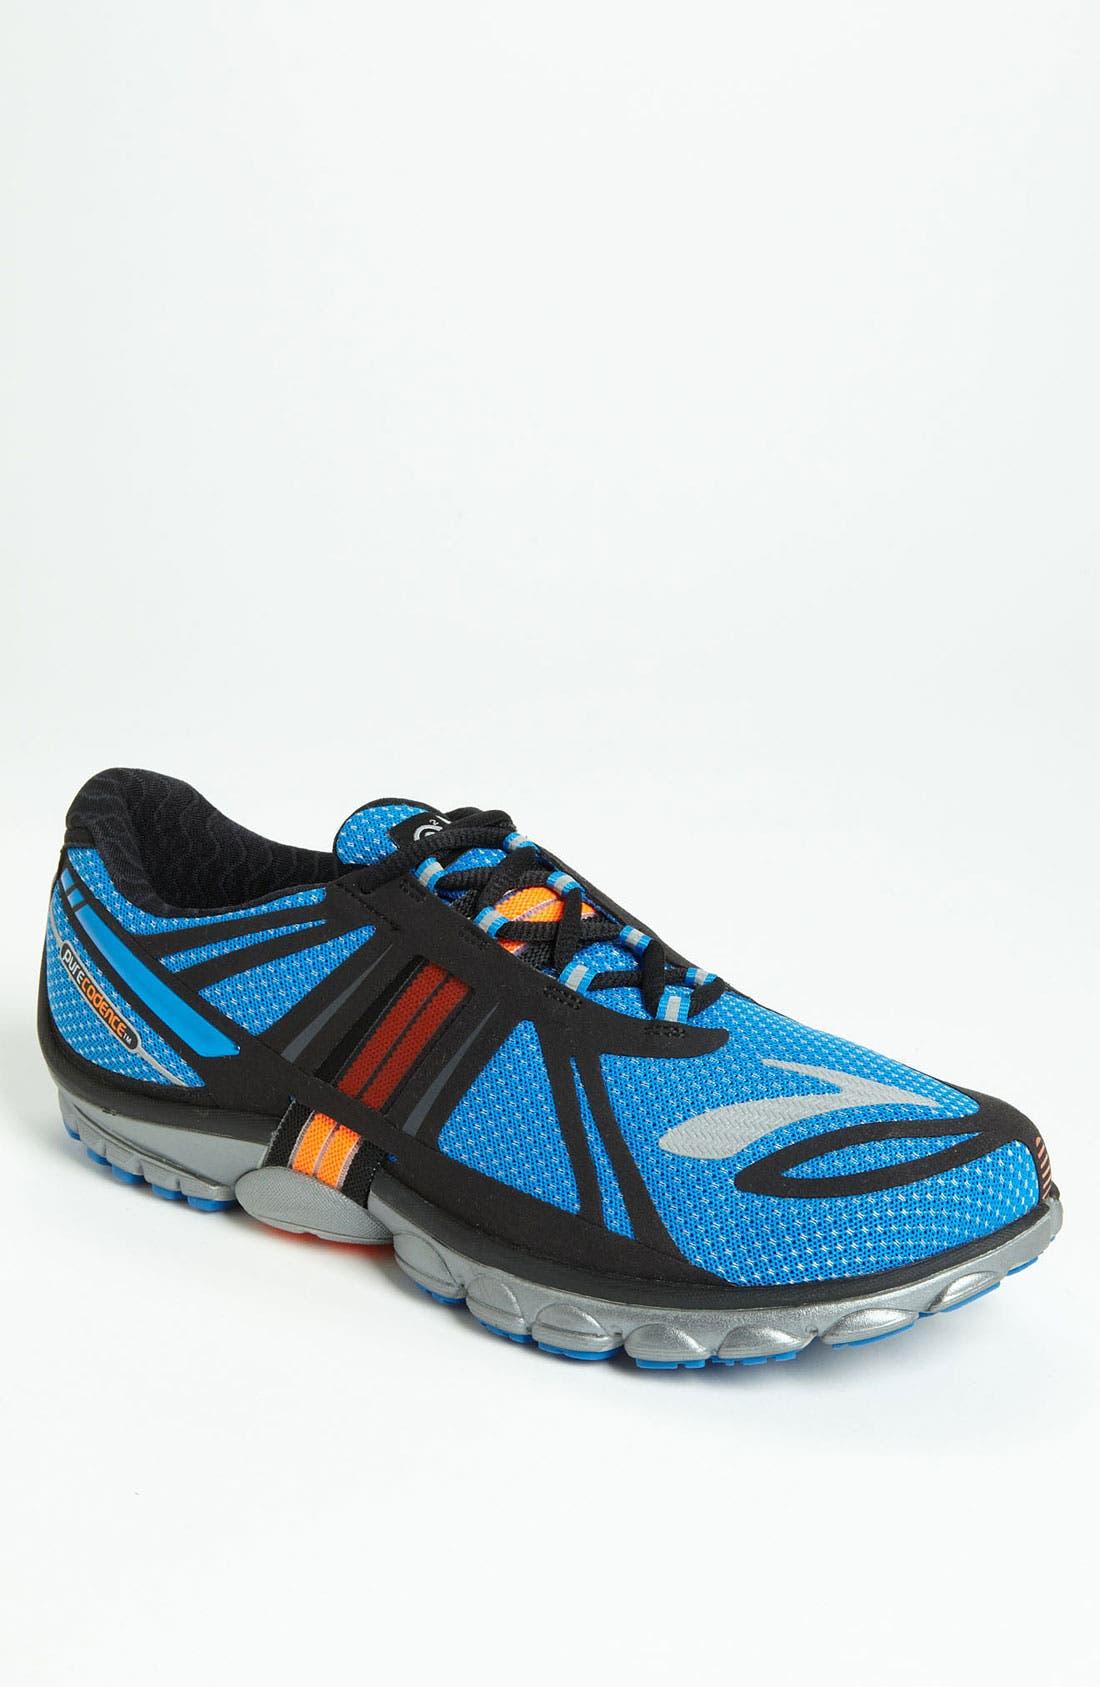 Main Image - Brooks 'PureCadence 2' Running Shoe (Men)